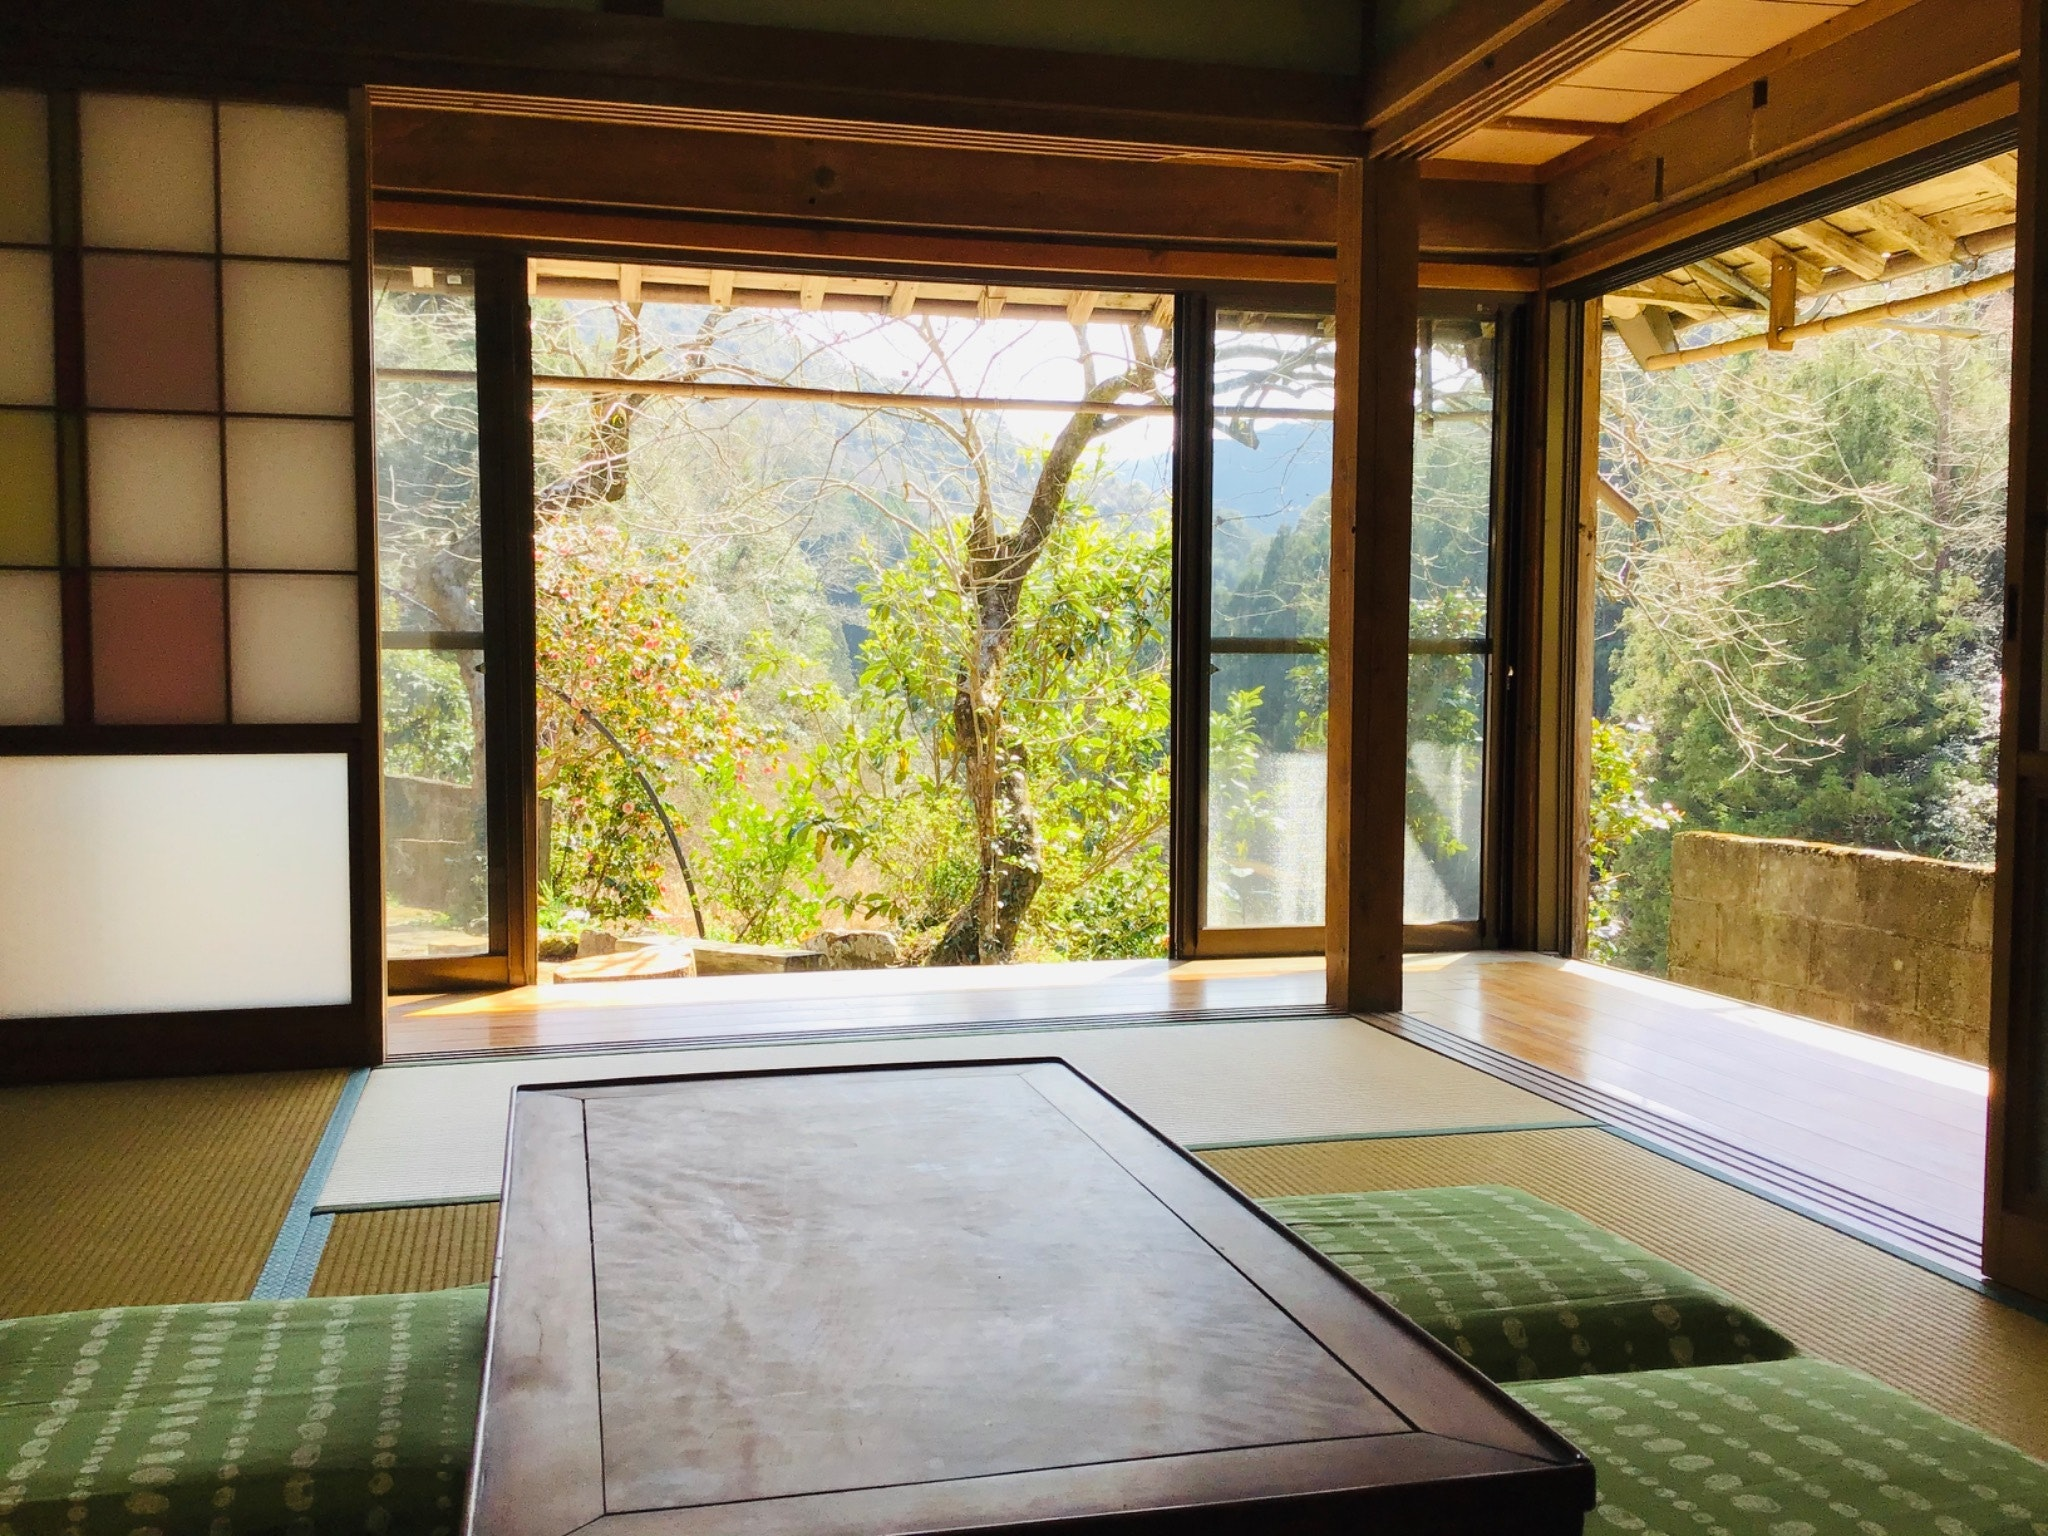 四万十市の山あいに静かに佇む古民家宿。完全なプライベート空間で自然を感じのんびり出来ます